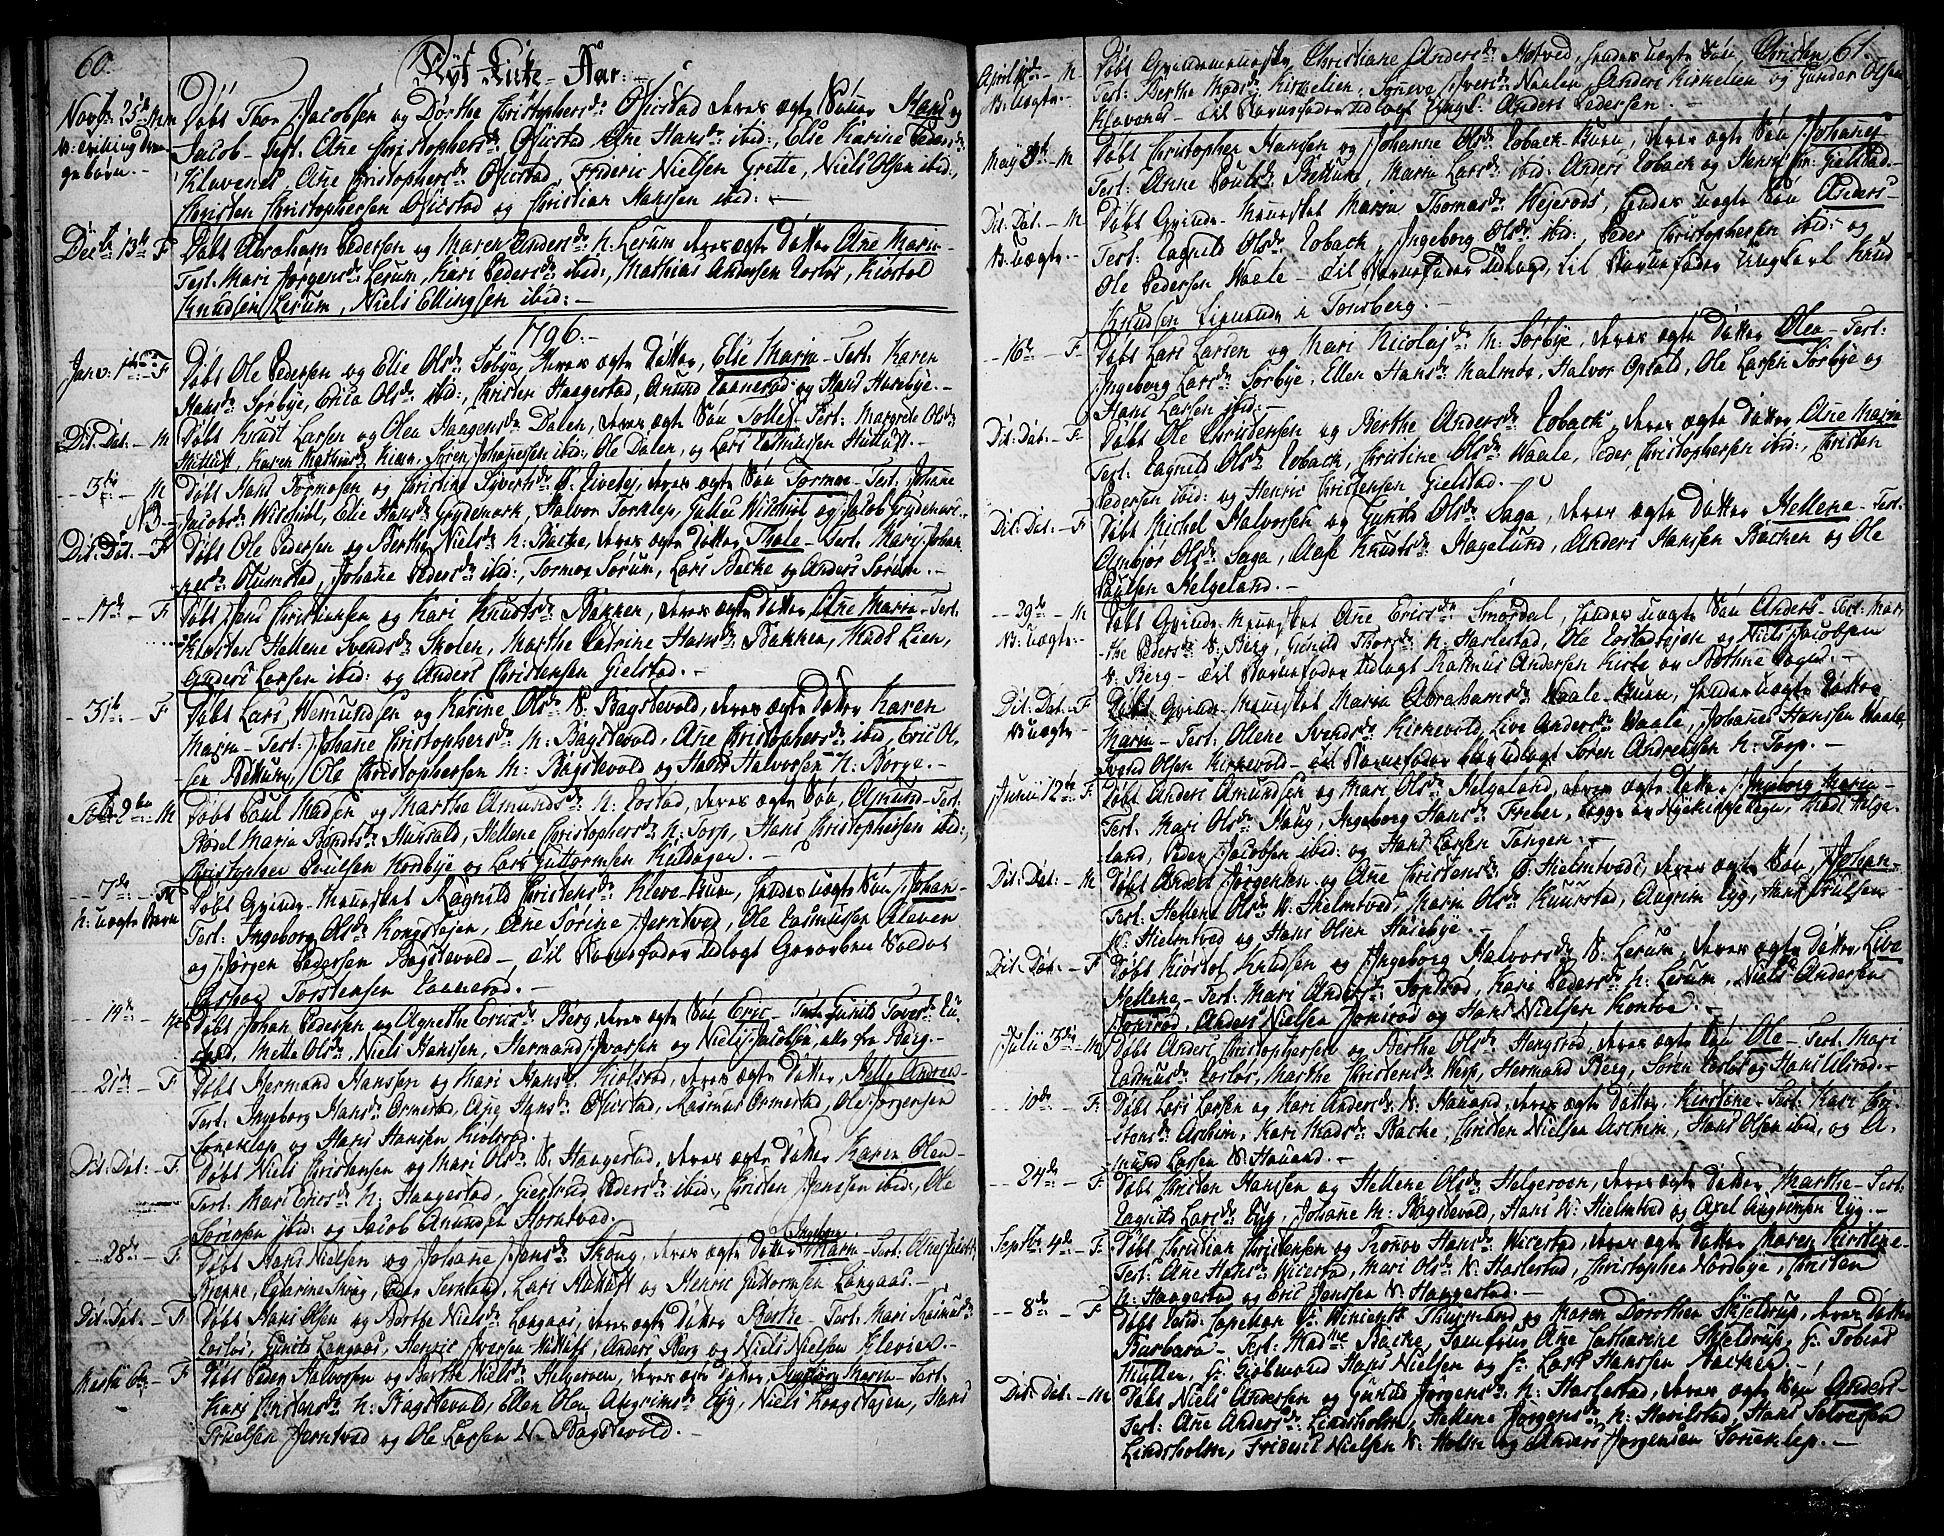 SAKO, Våle kirkebøker, F/Fa/L0005: Parish register (official) no. I 5, 1773-1808, p. 60-61